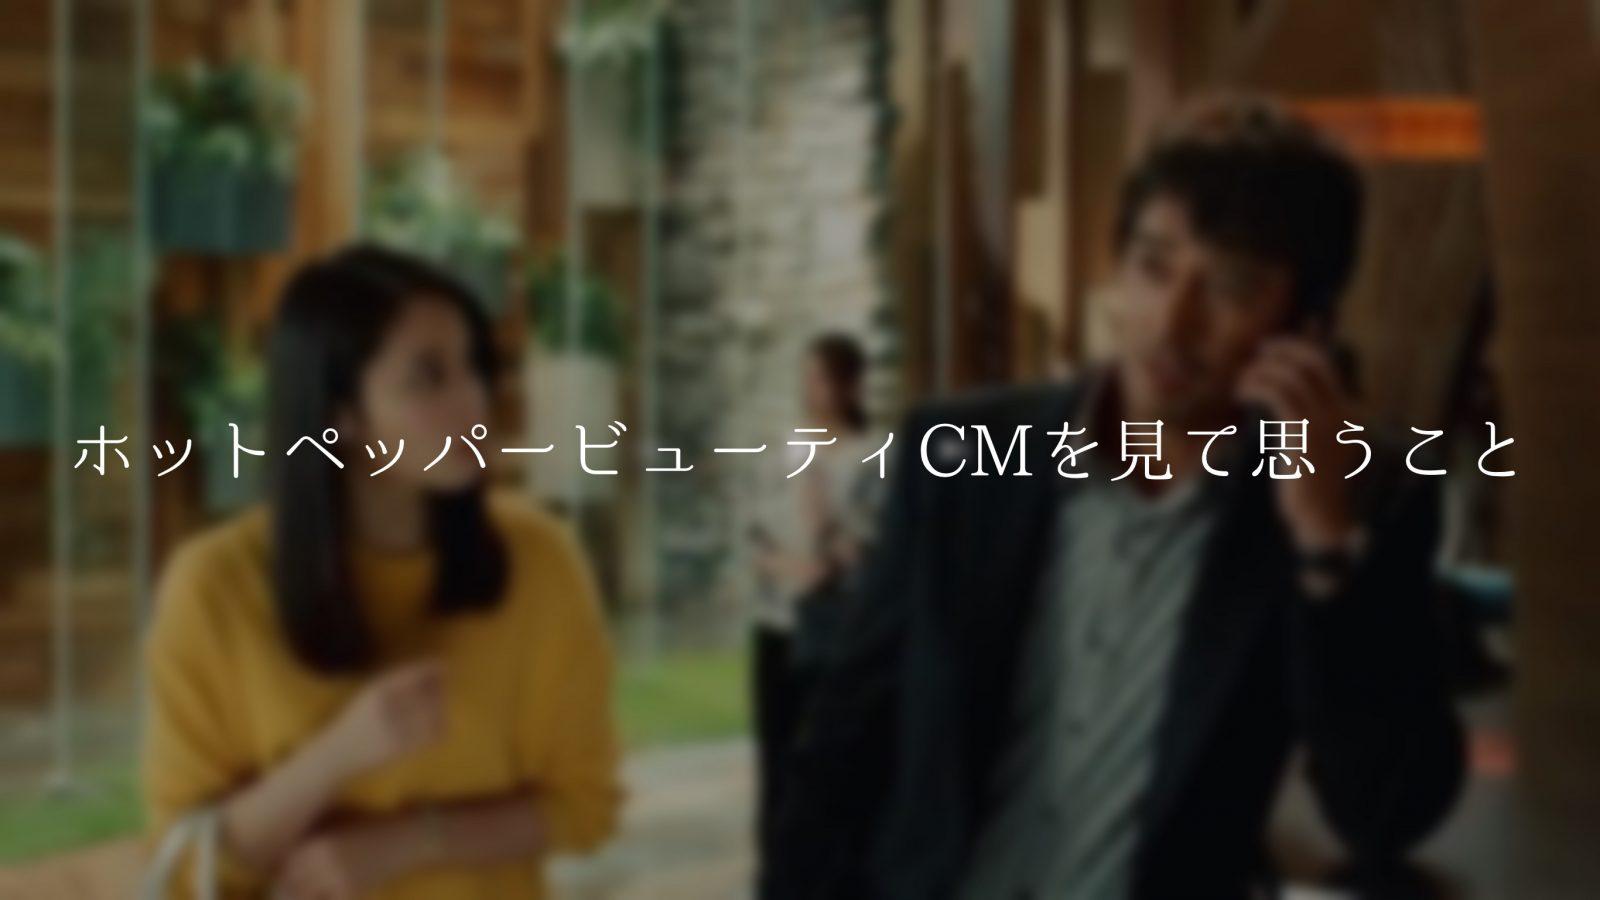 ホットペッパーのCMに阿部寛さんが出始めて「あ〜ついにこの時が来たか」と感じた